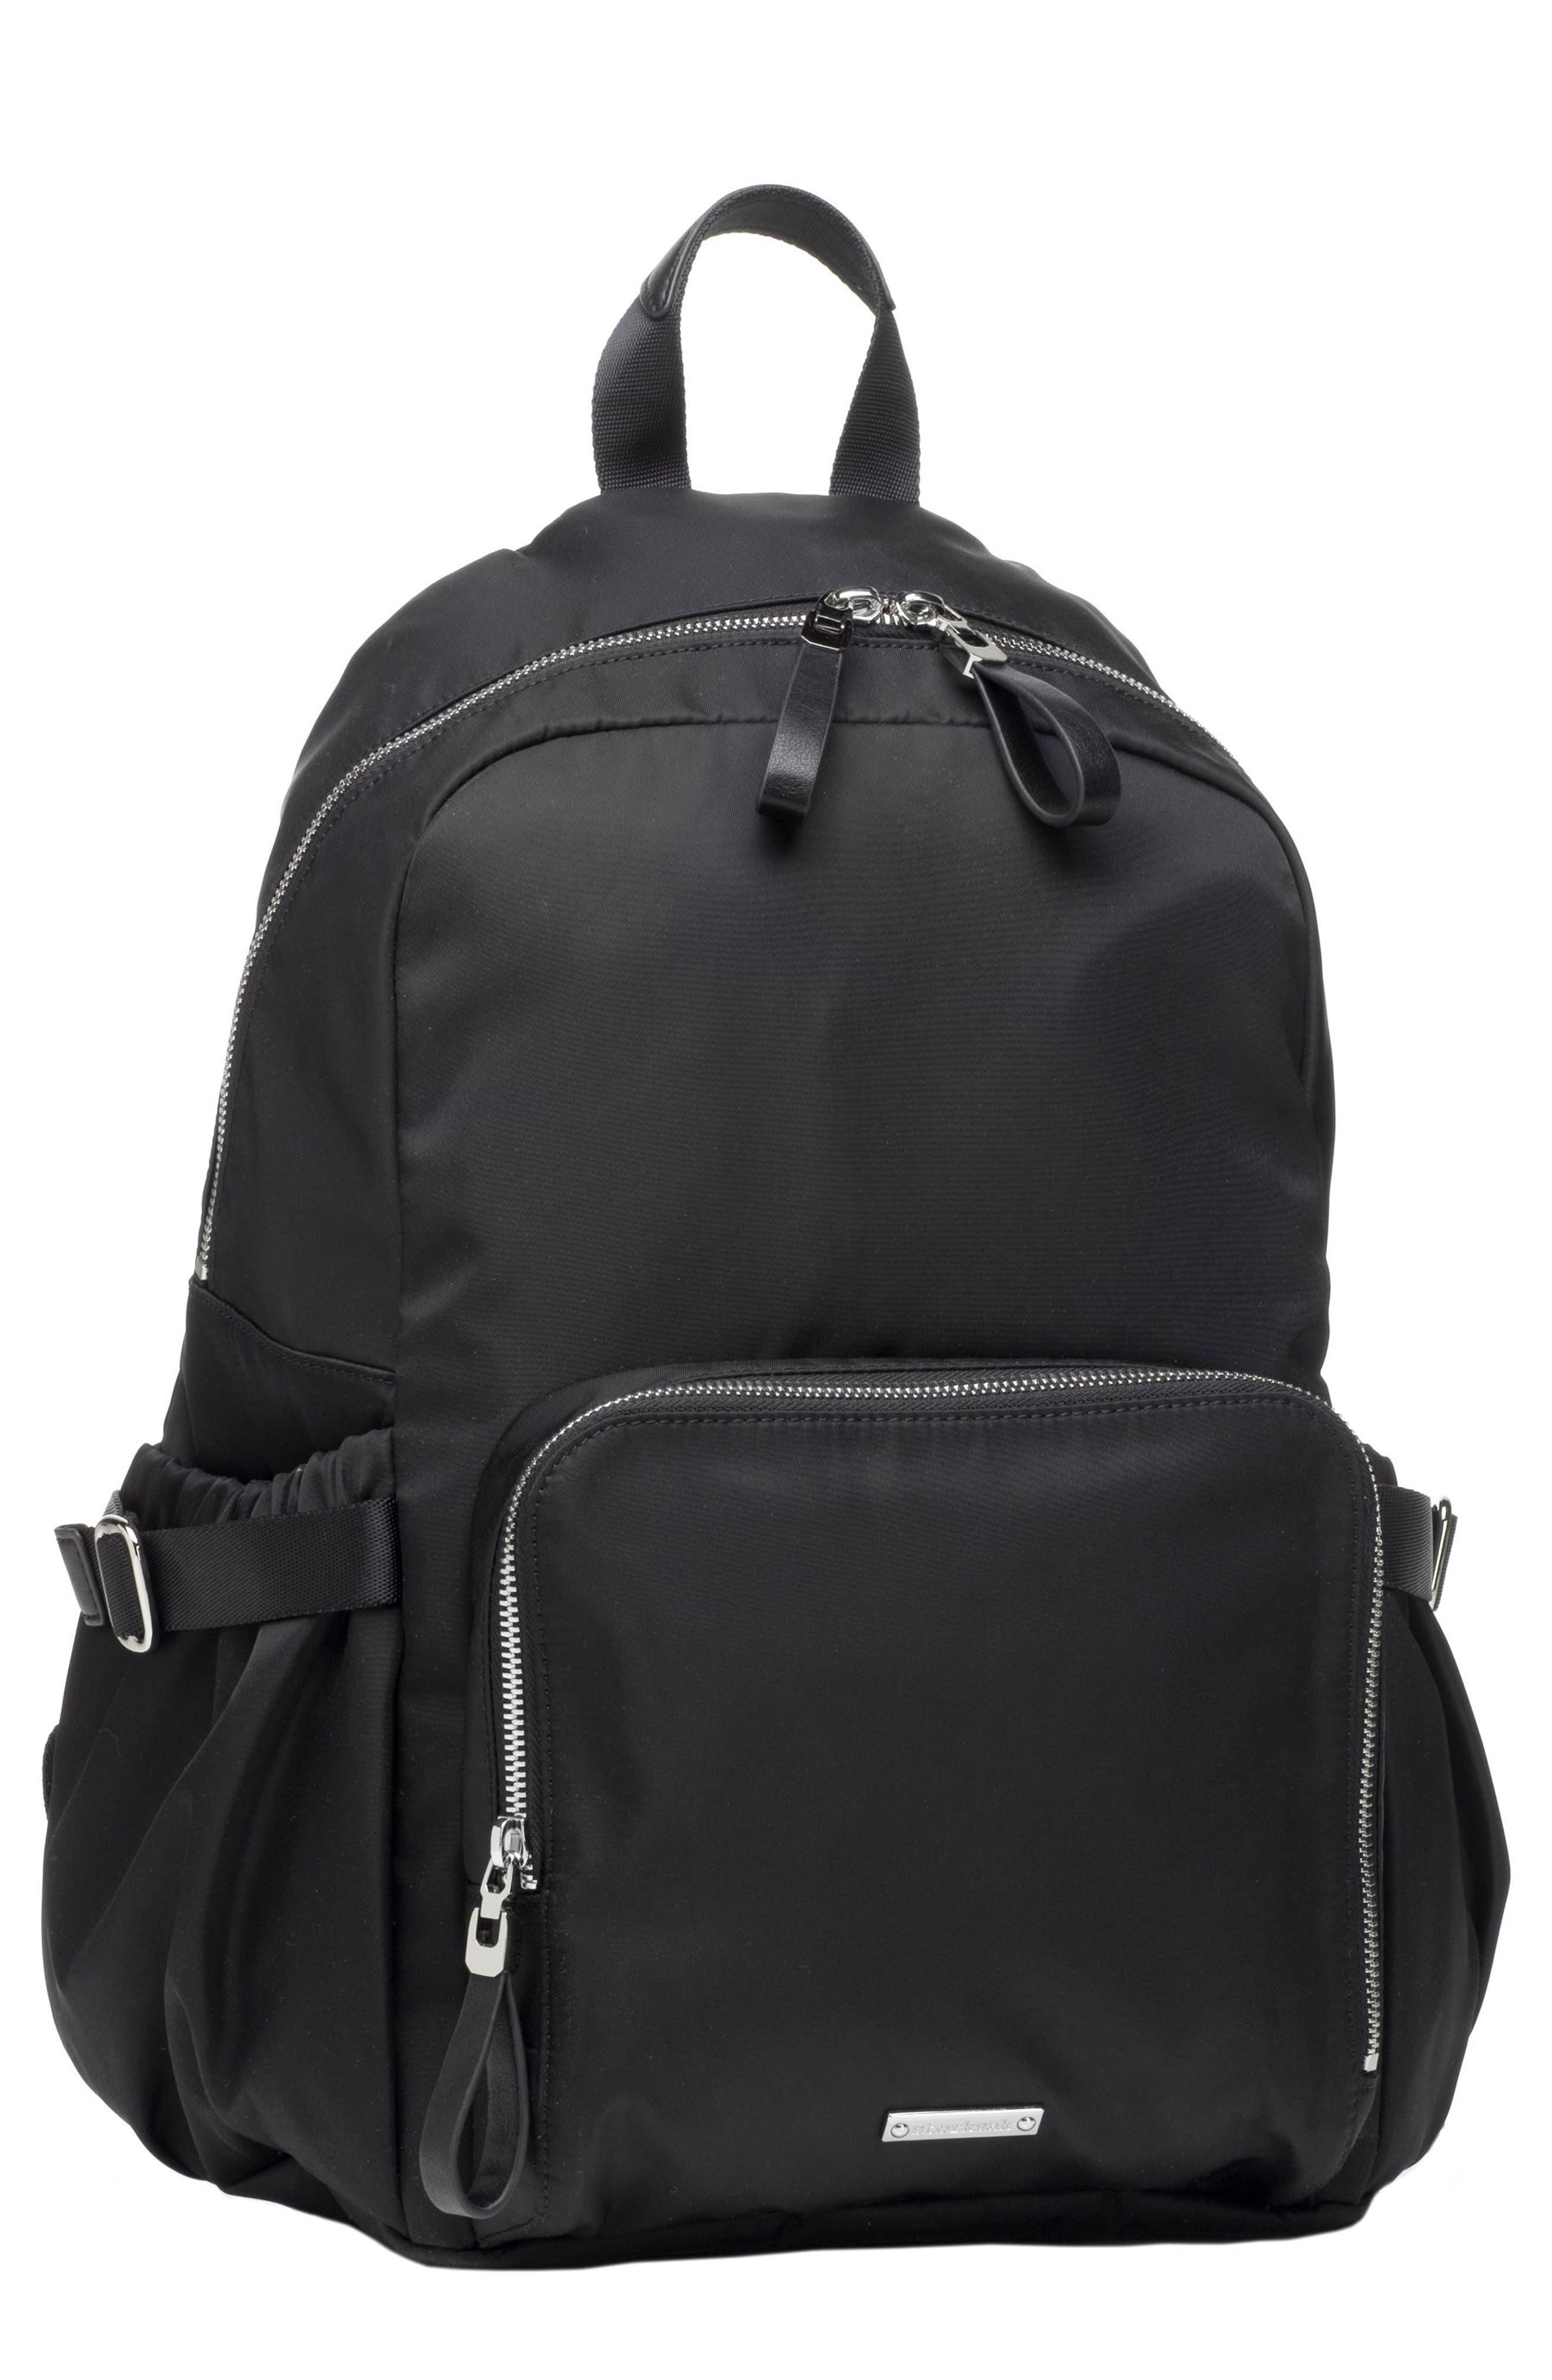 Hero Water Resistant Nylon Backpack Diaper Bag,                             Main thumbnail 1, color,                             BLACK